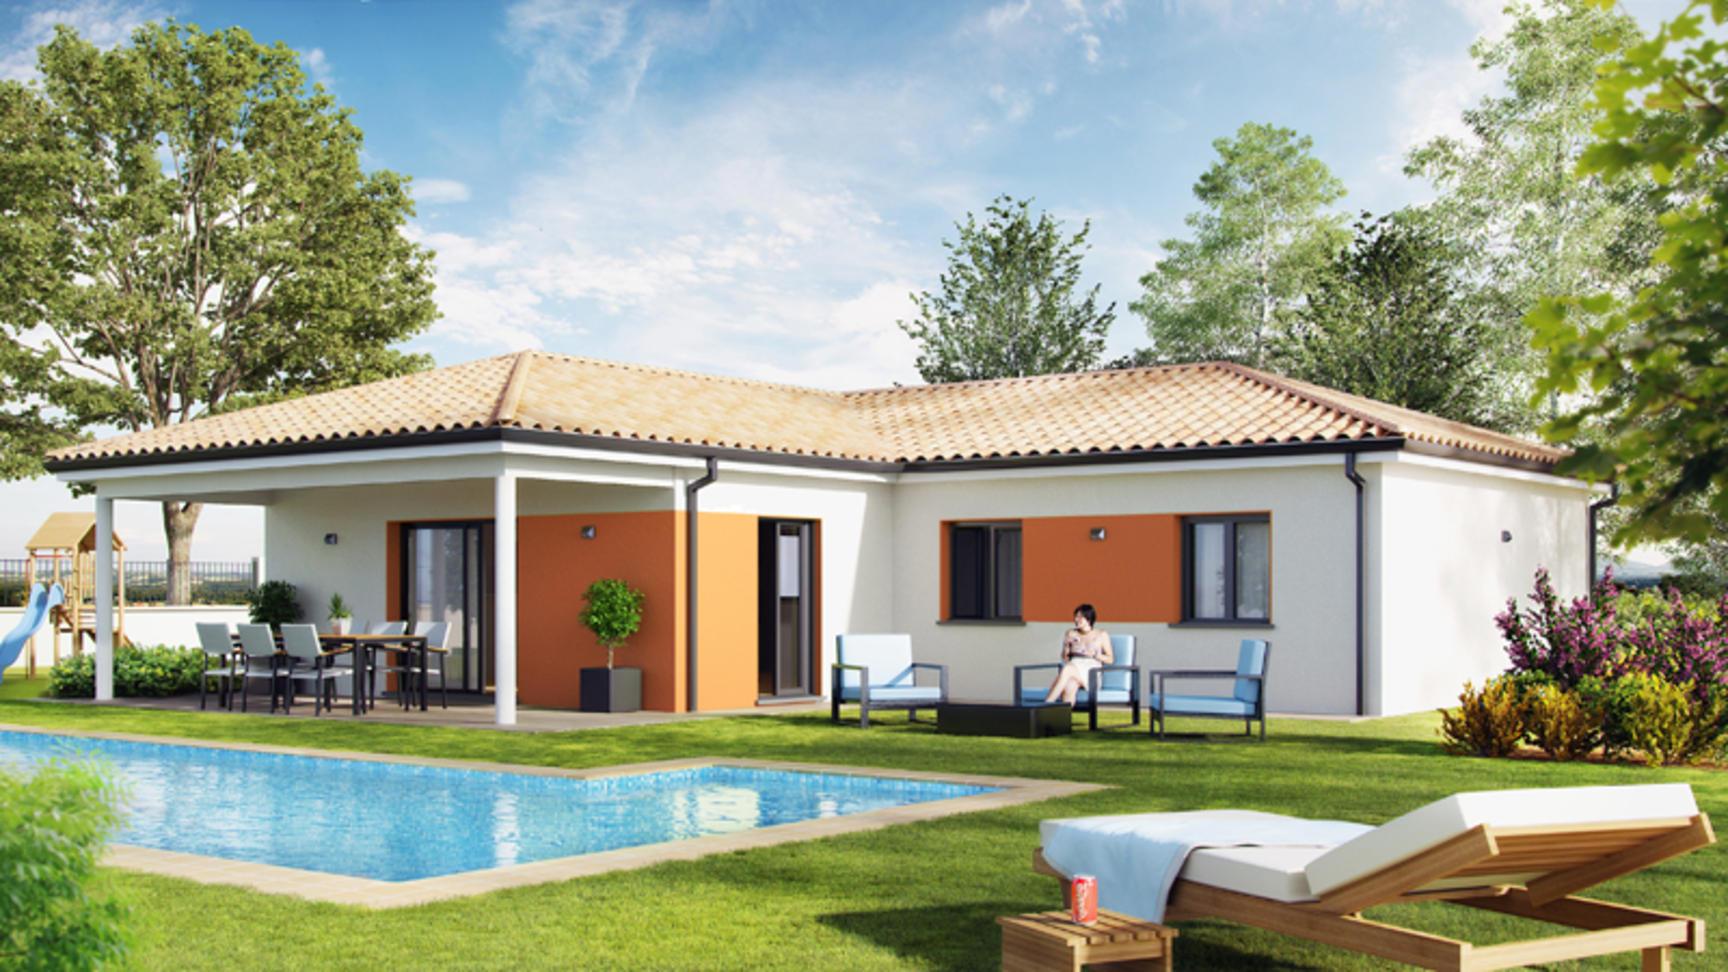 Annonce vente maison auterive 31190 90 m 172 560 for Maison auterive